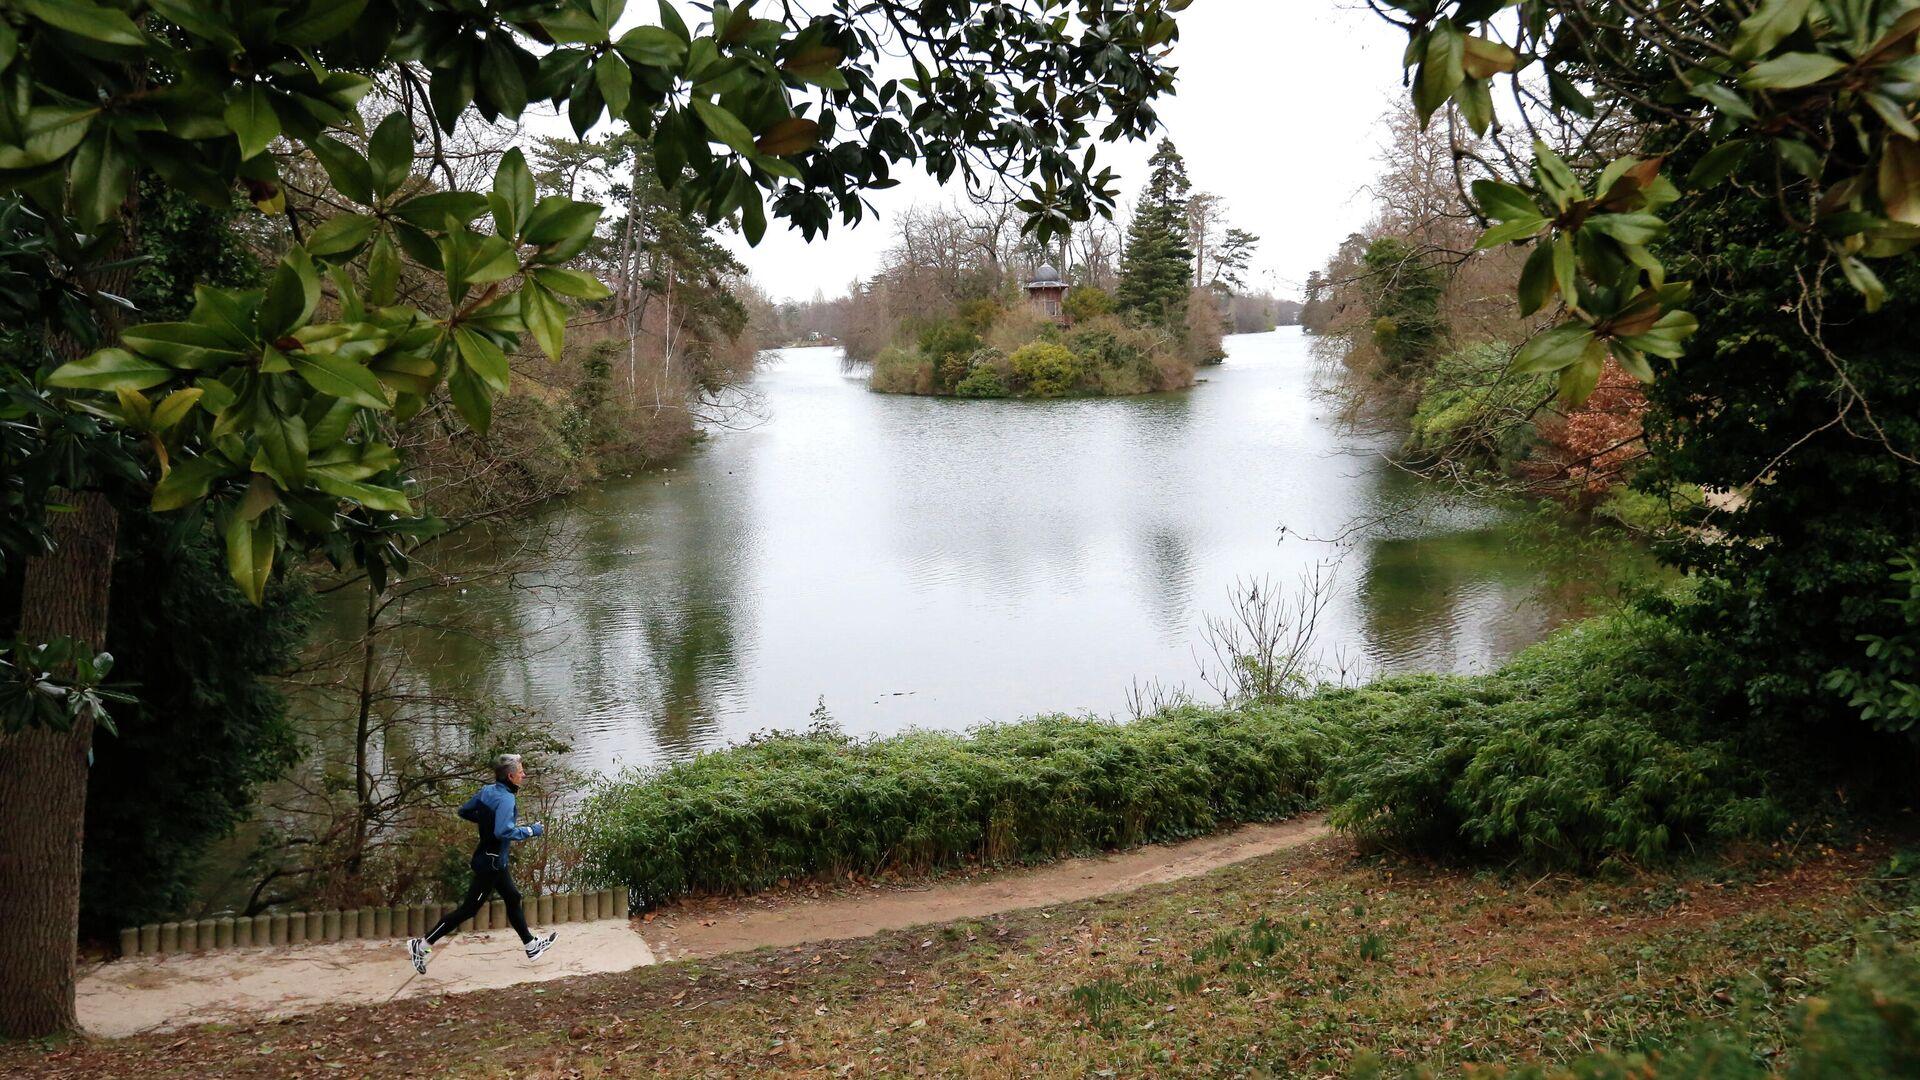 Parque de Bois de Boulogne (París), donde encontraron el cadáver - Sputnik Mundo, 1920, 27.07.2021